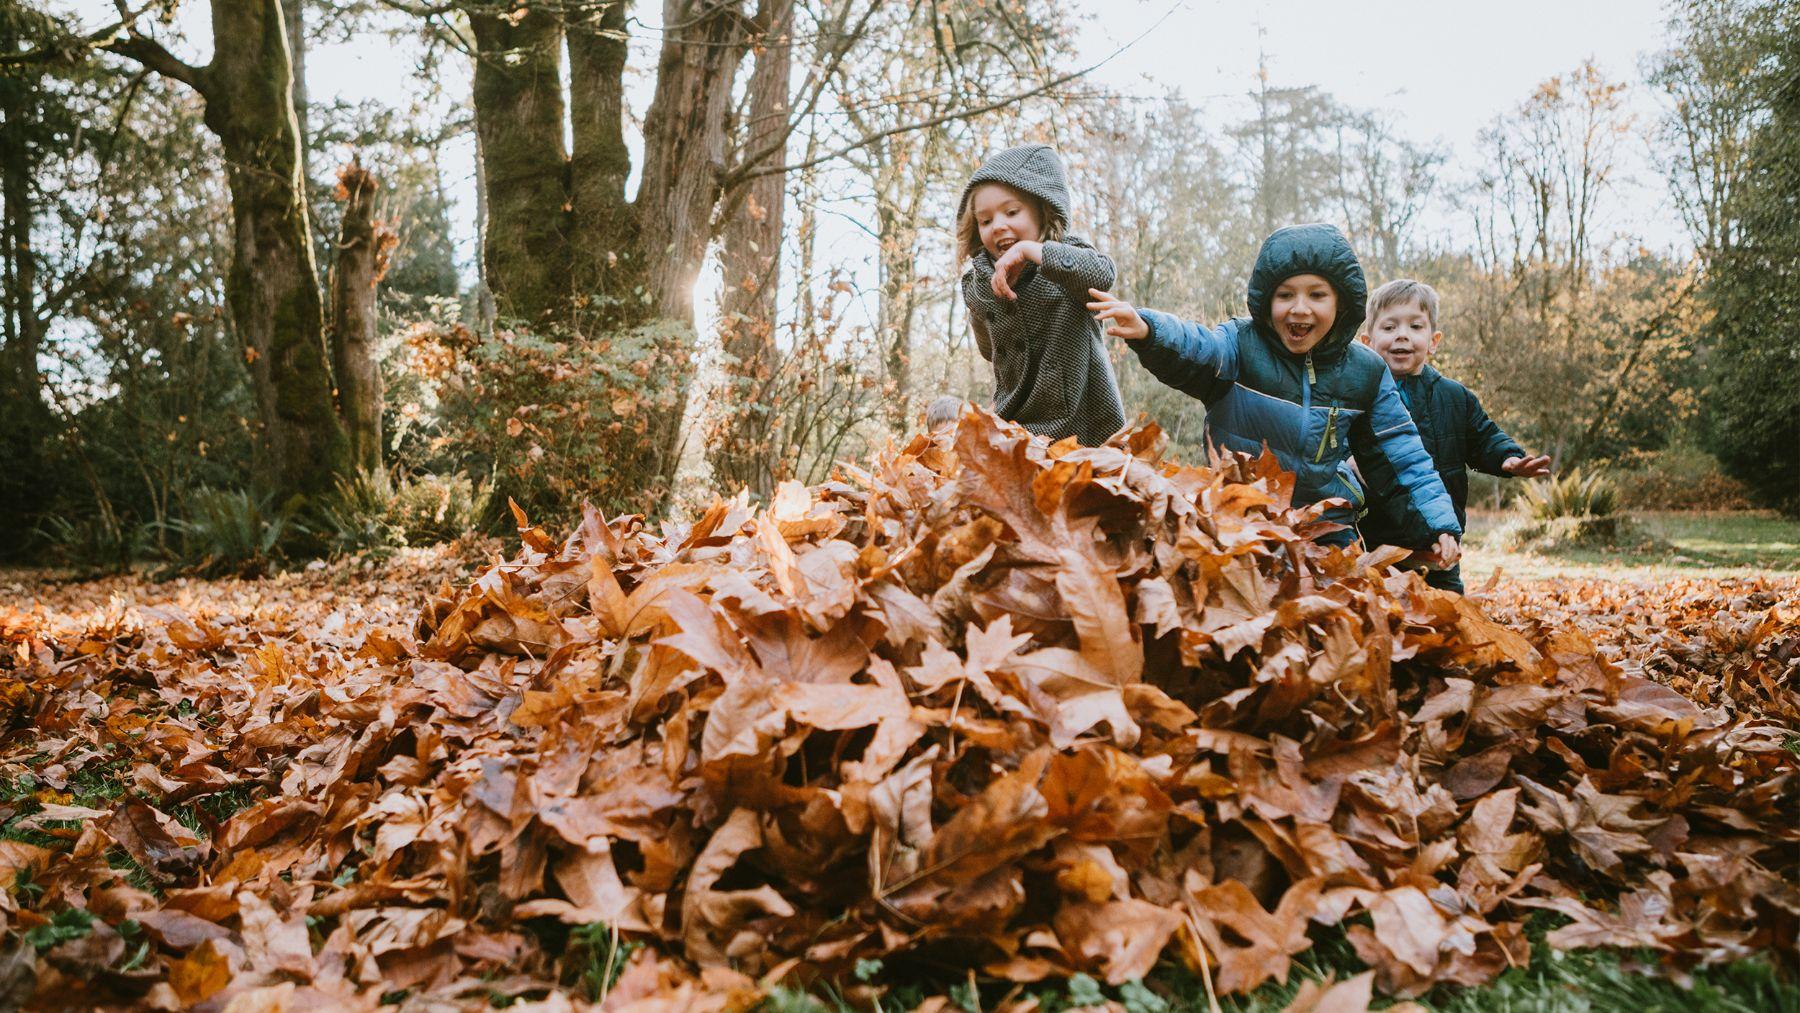 Descubre algunos de los mejores planes que podemos hacer con los niños este otoño